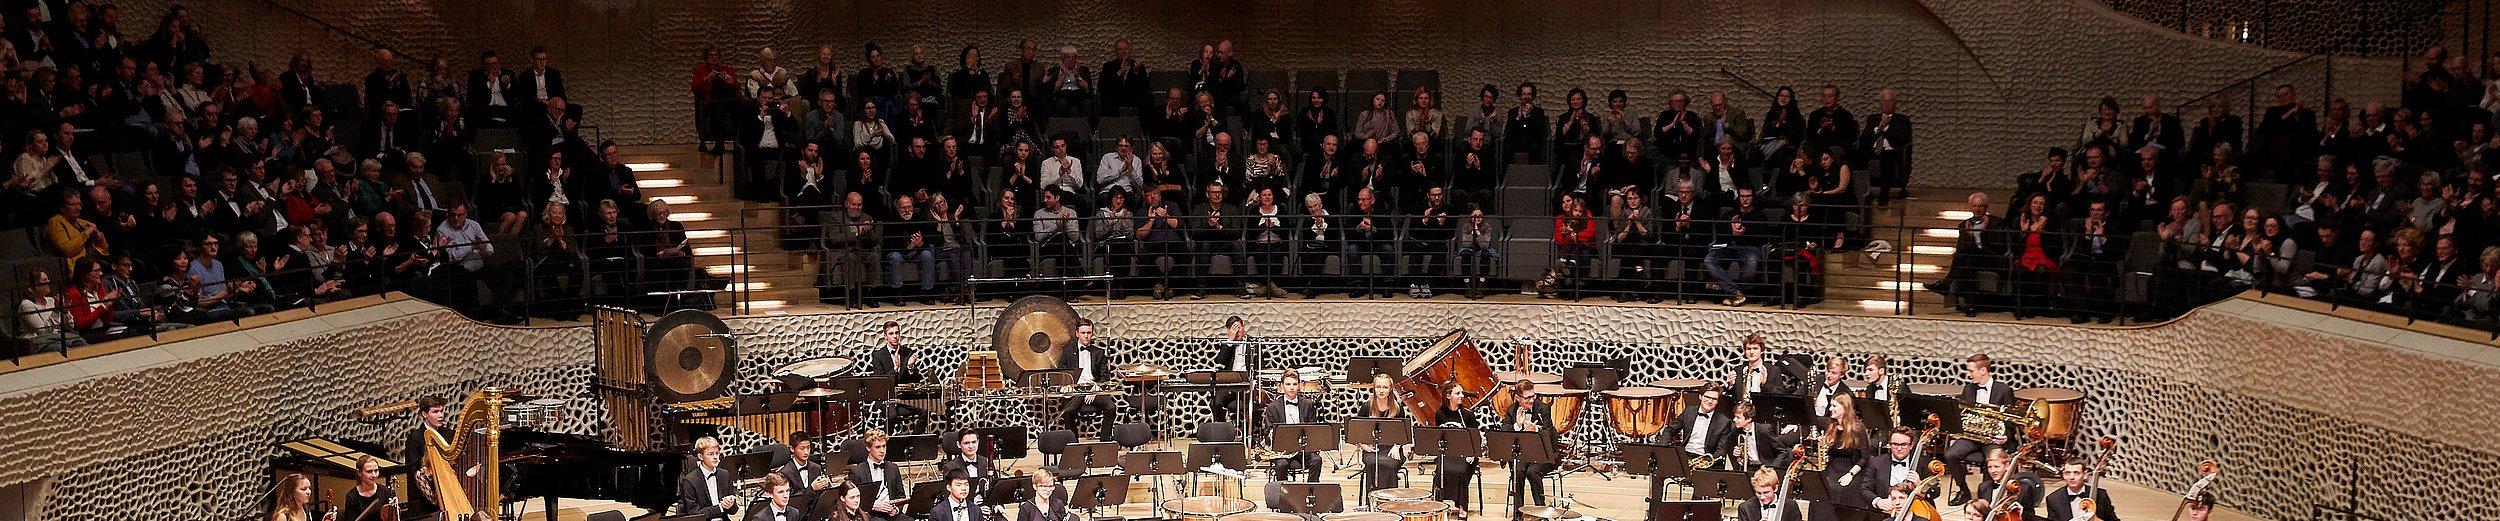 Elbphilharmonie Concerts | Browse Now! | Hamburg Tourismus